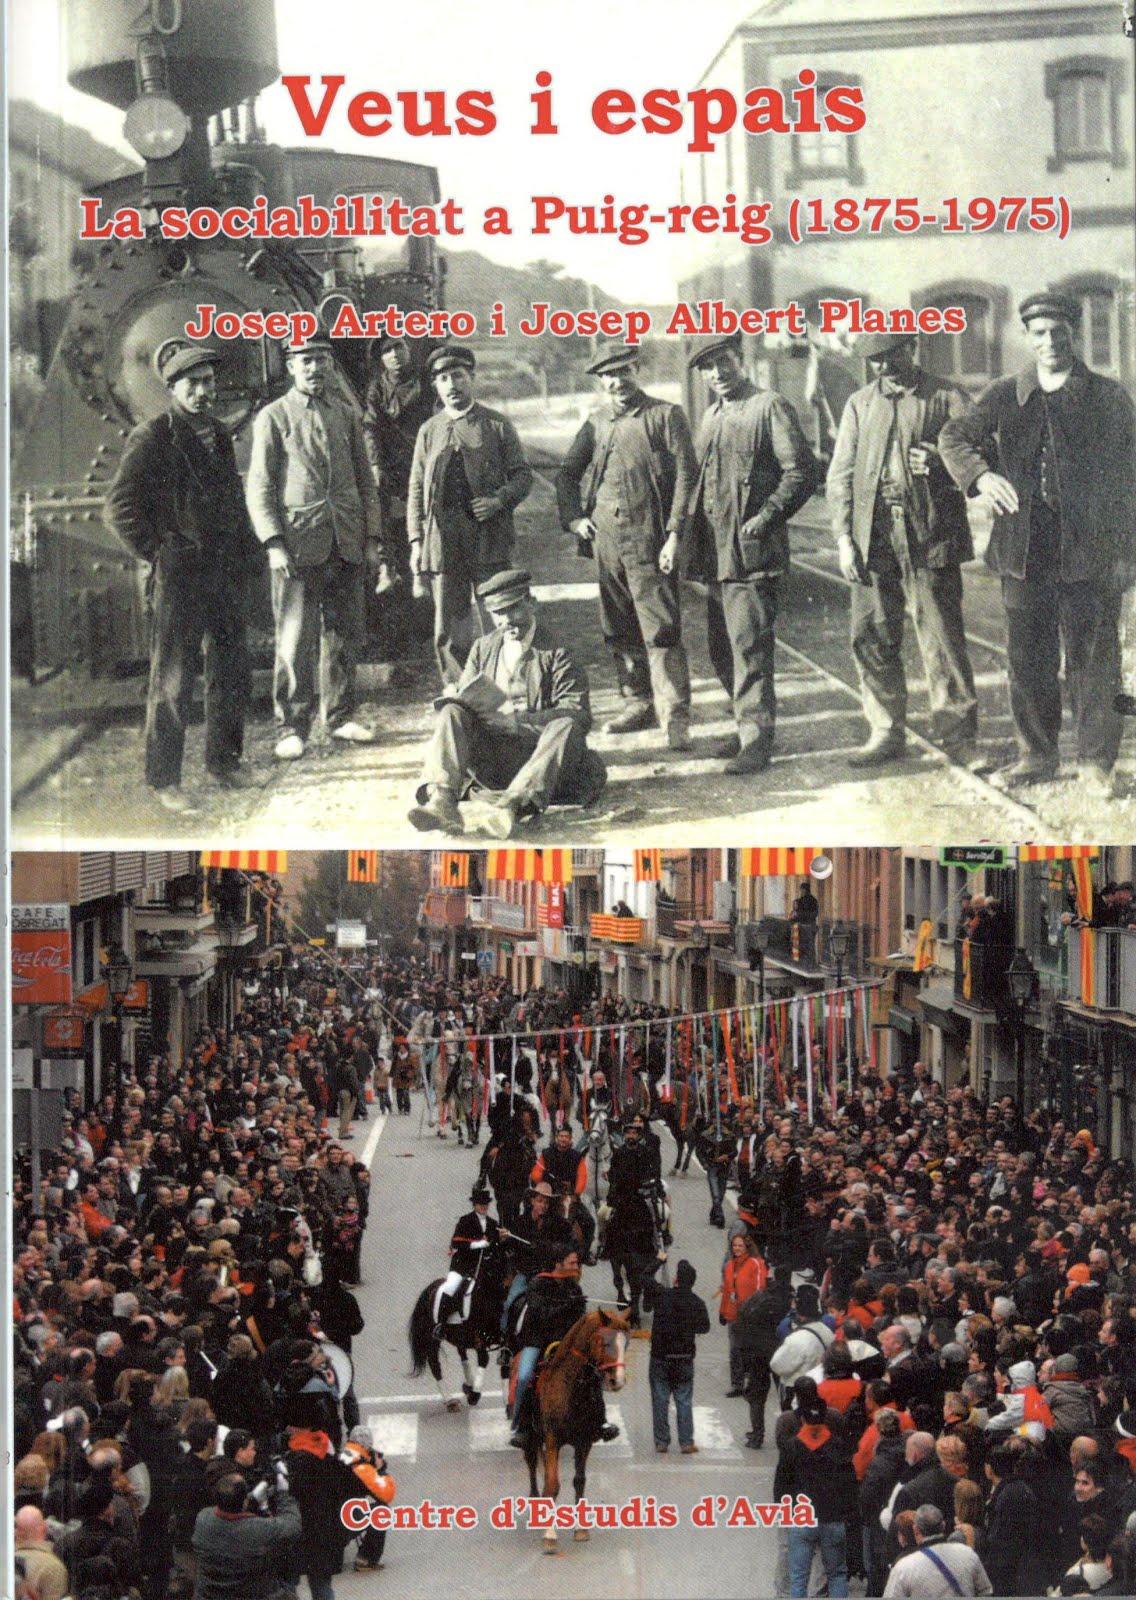 Veus i espais.  La sociabilitat a Puig-reig (1875-1975)